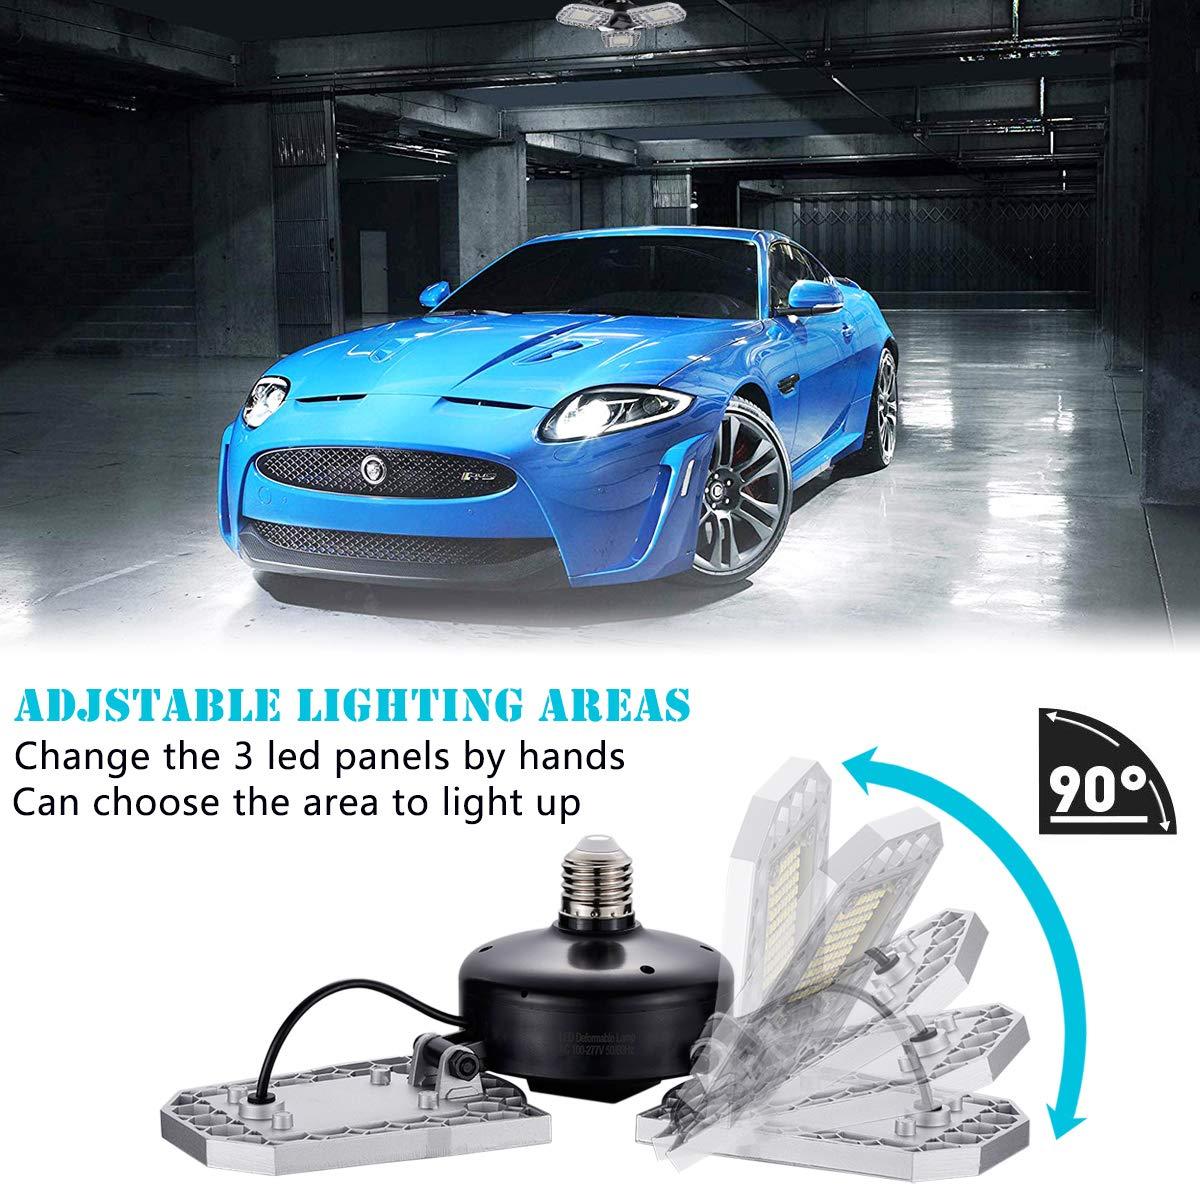 No Motion Detection Garage Lighting Deformable Garage Light 9600LM 80W Warm White 3000K Shop Lights for Garage Led Garage Lights with 3 Adjustable Panels,Garage Ceiling Light for Workshop//Basement